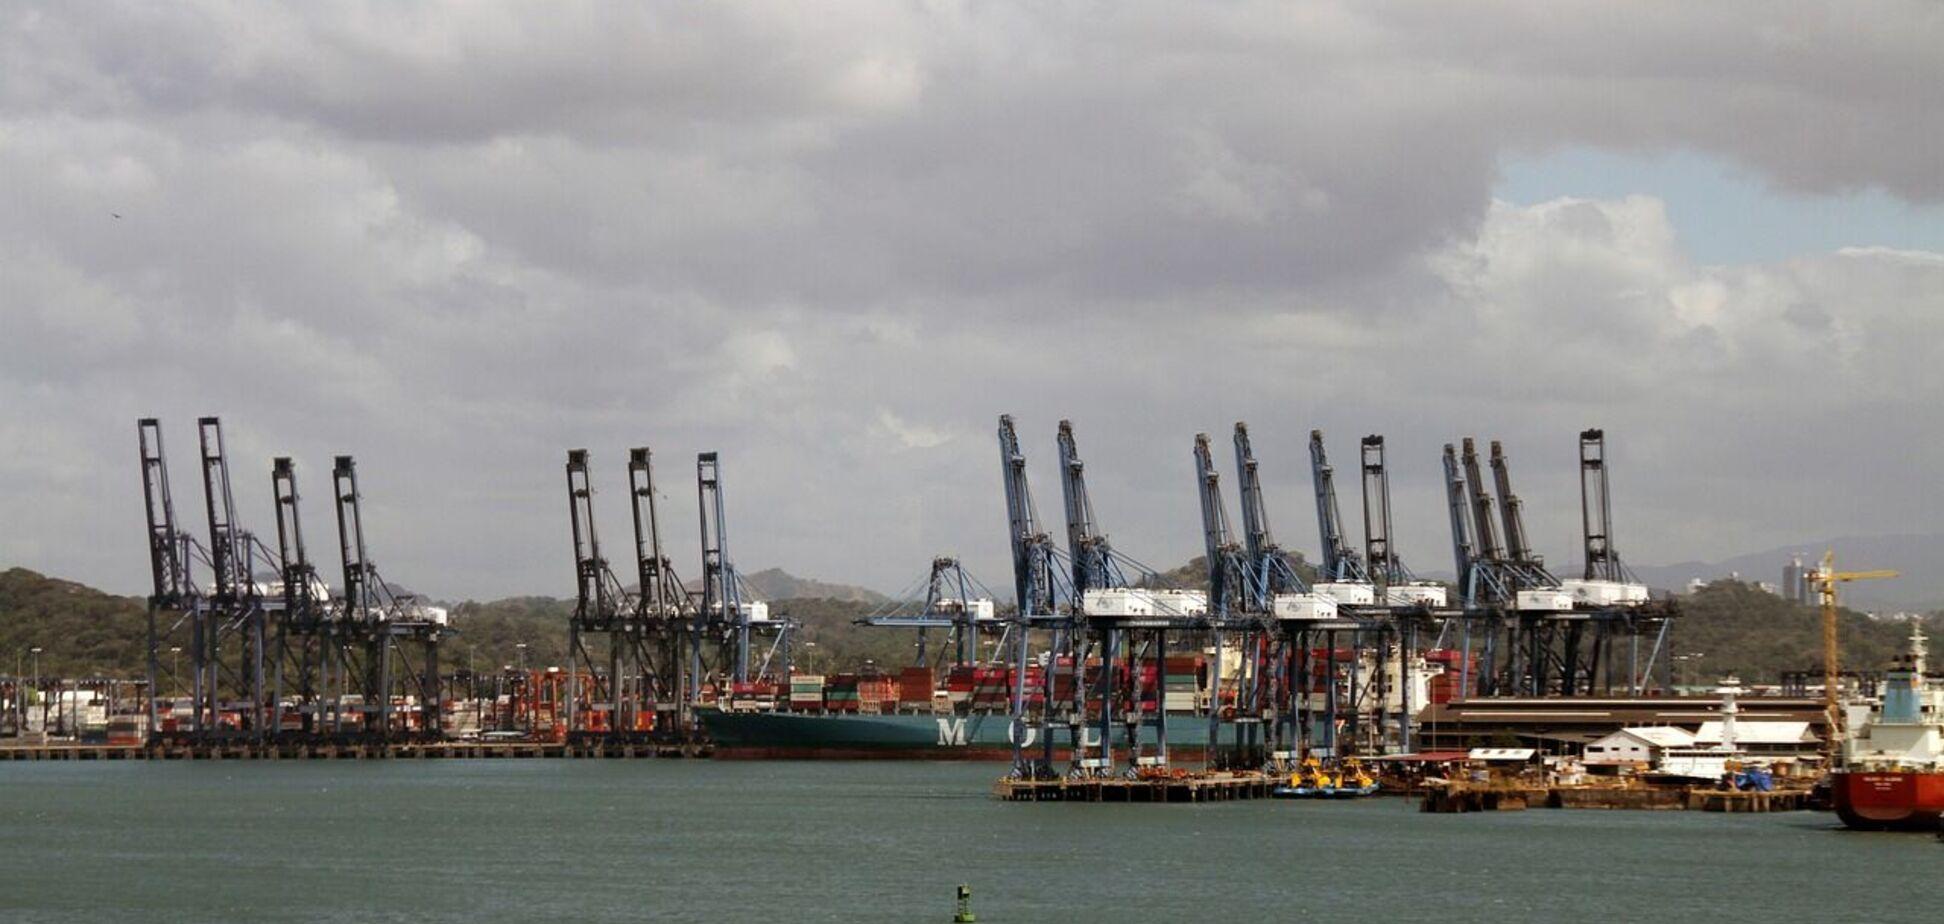 Украинское Дунайское пароходство понесло убытки, дело расследуют НАБУ и СБУ